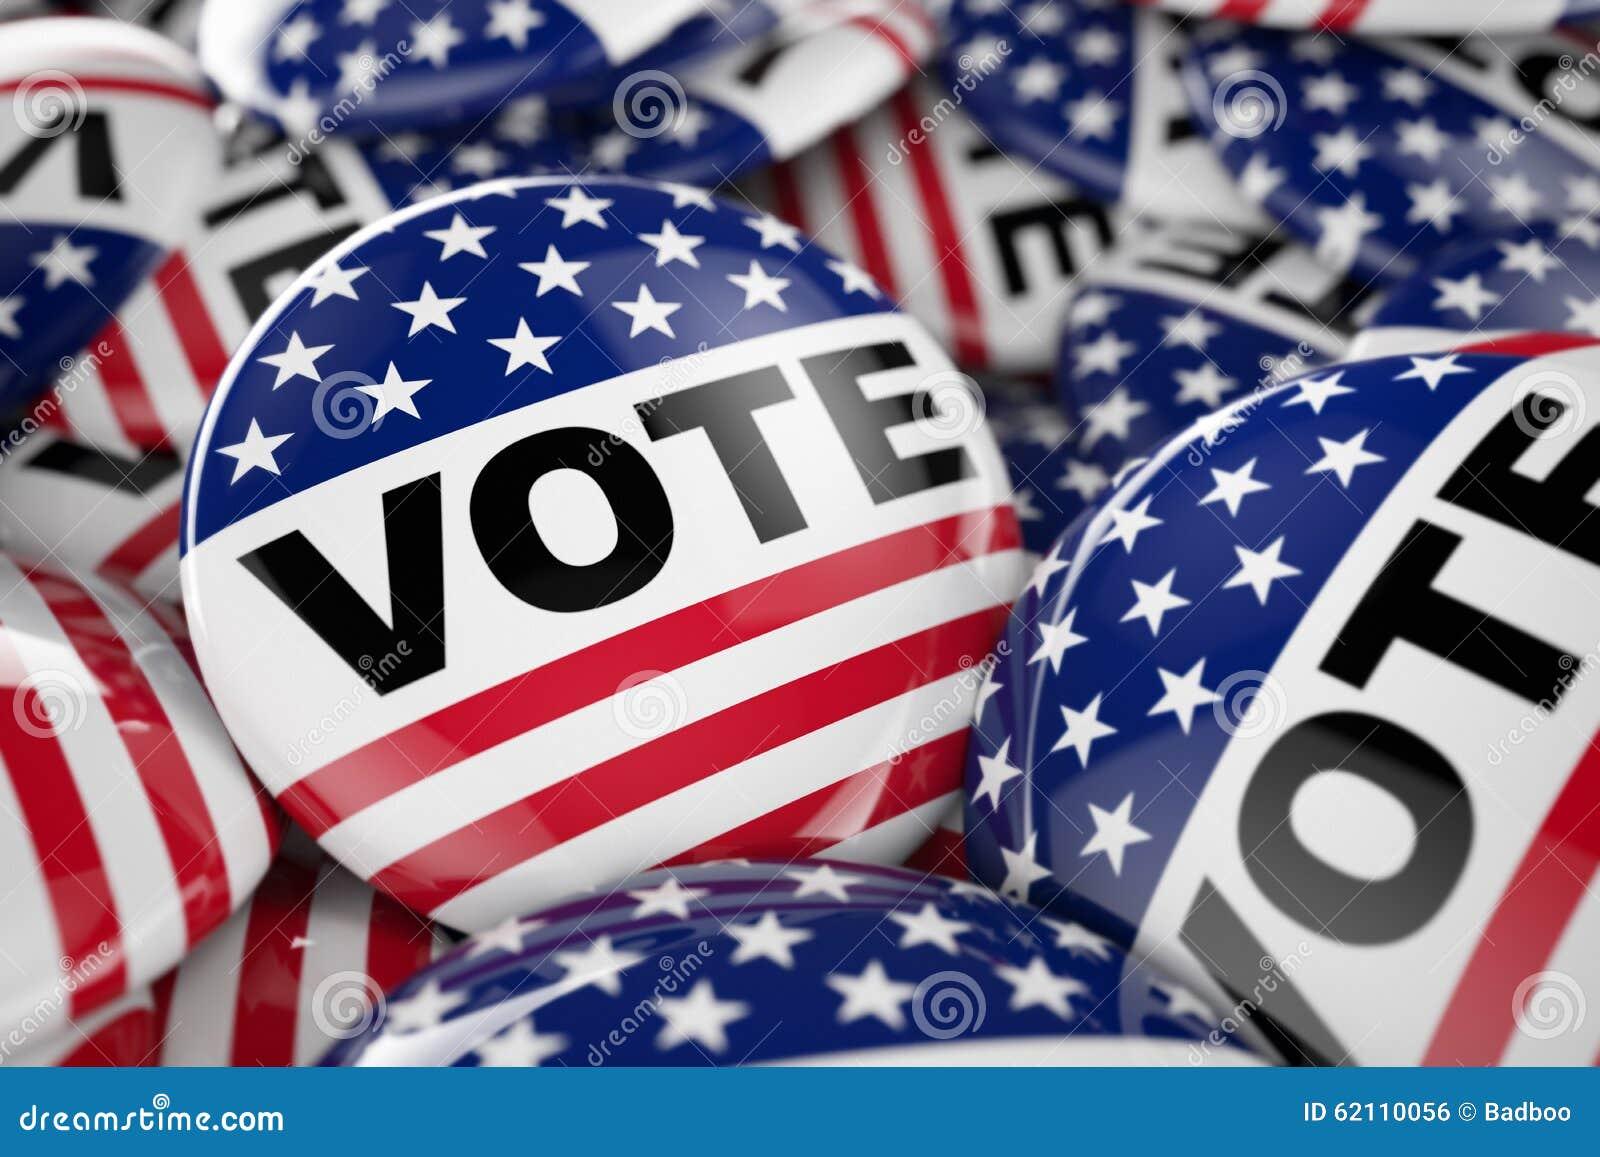 bottone-americano-di-voto-62110056.jpg (1300×957)